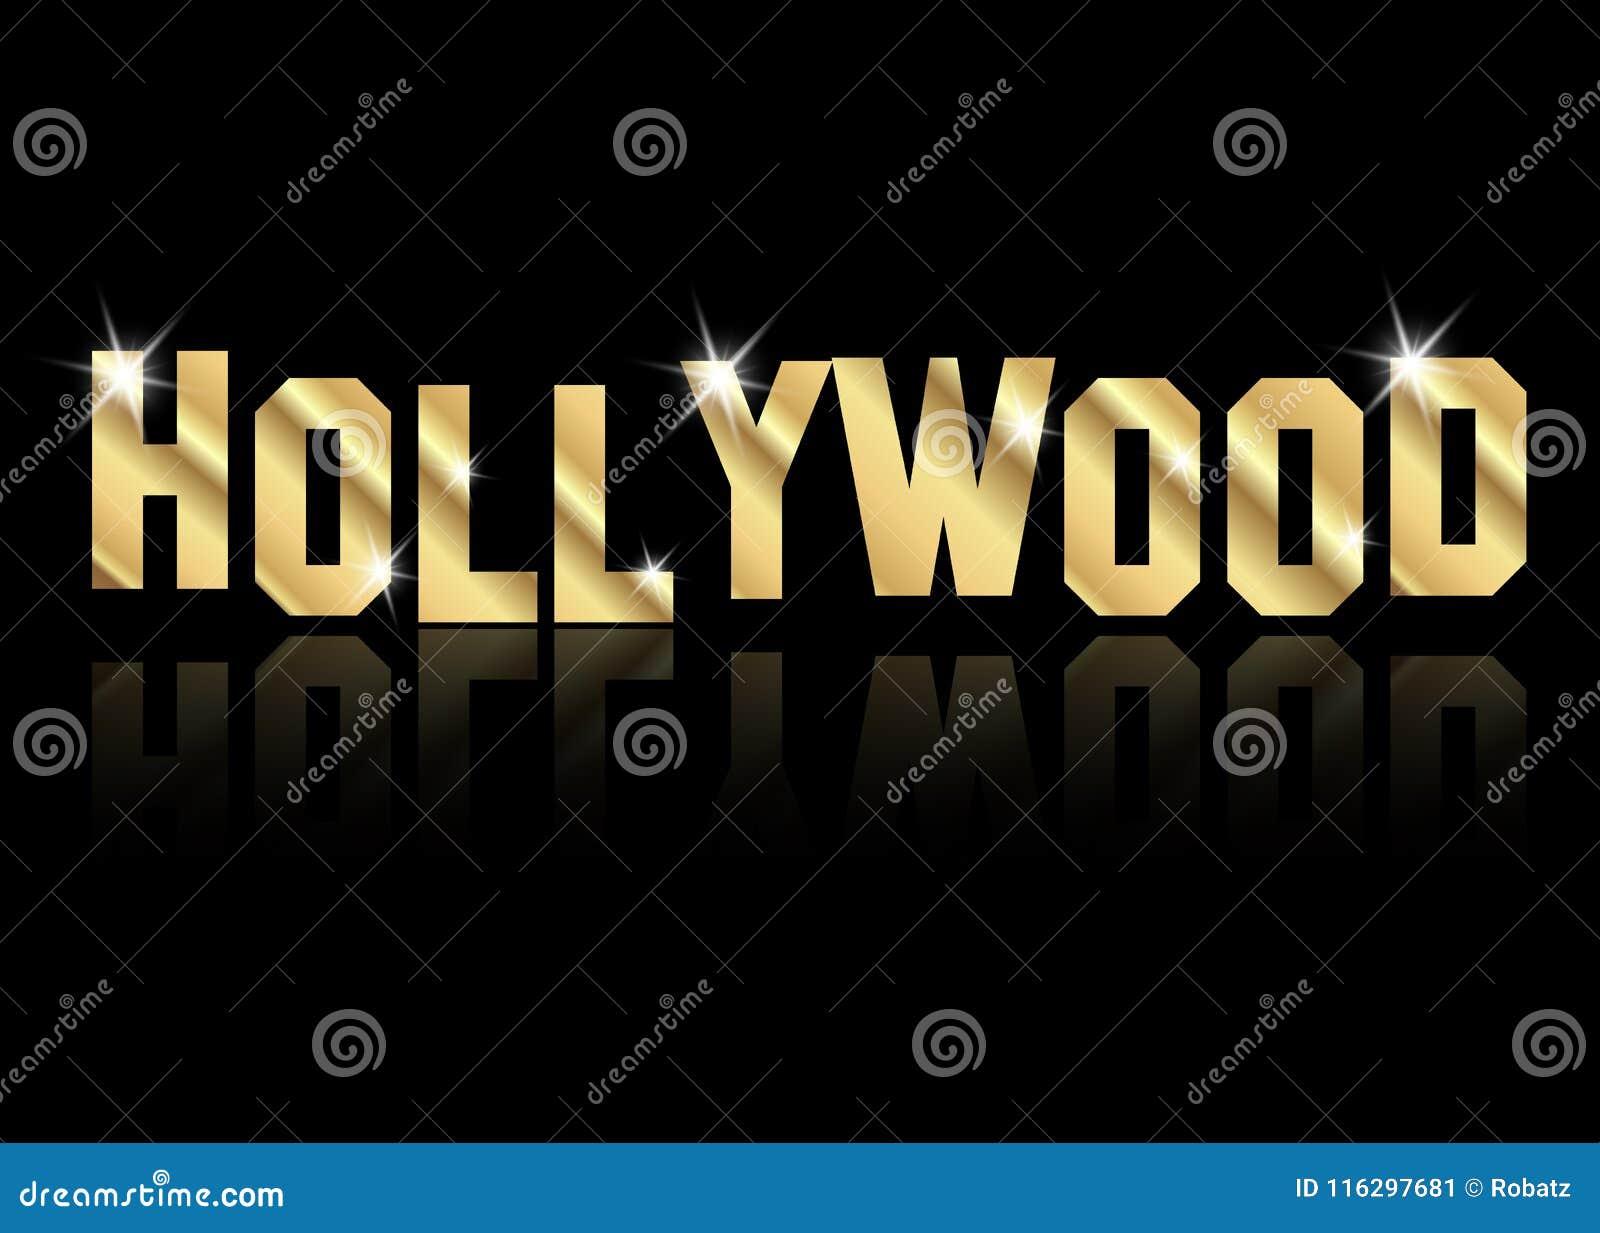 Hollywood märker den guld- vektorlogoen, guld isolerad eller svart bakgrund